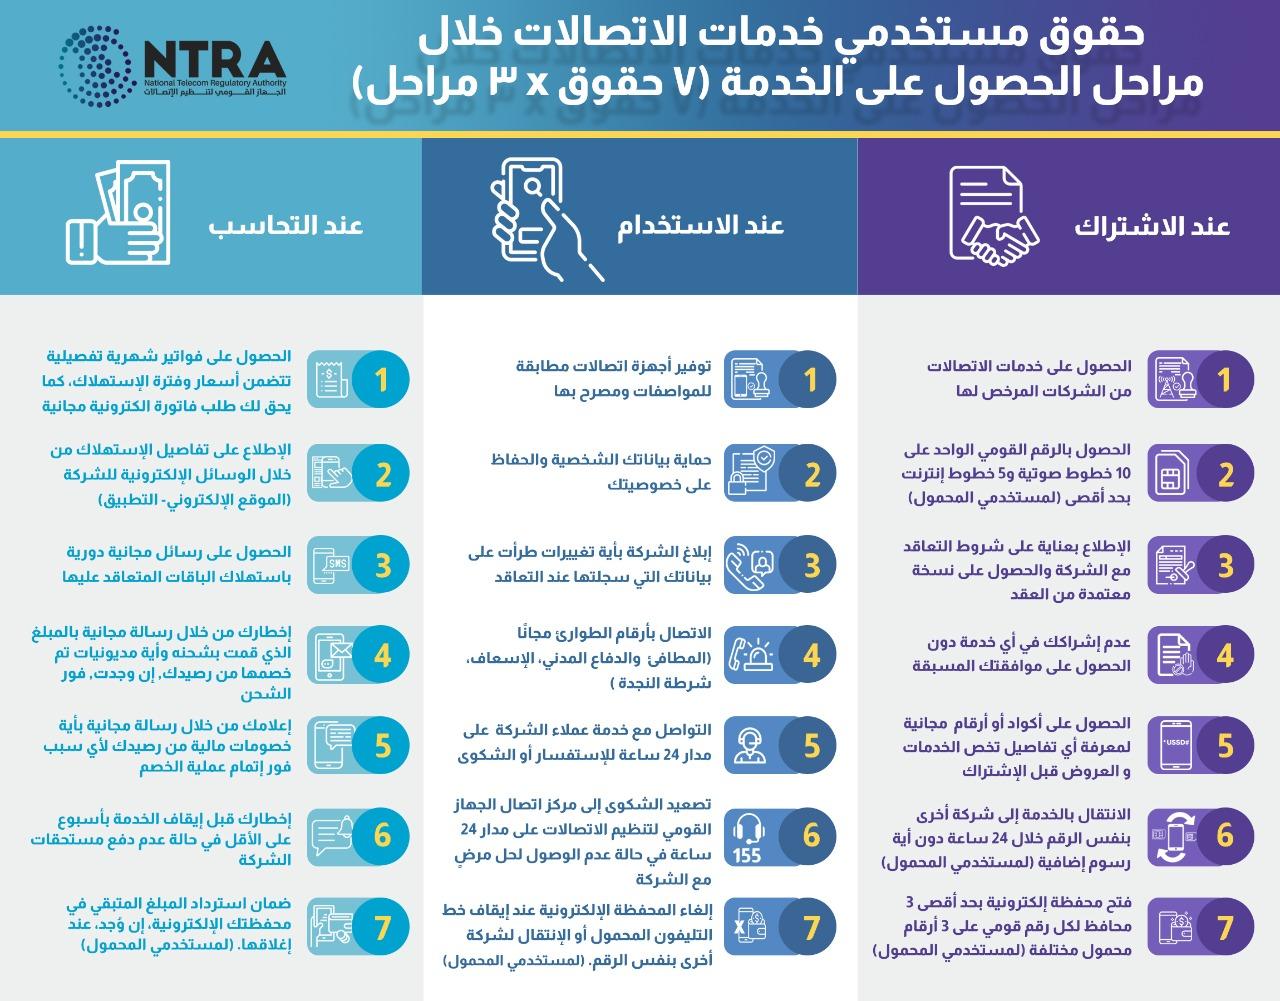 تنظيم الاتصالات يصدر قائمة بأهم حقوق المستخدمين لدى شركات الاتصالات العاملة بالسوق المصرية